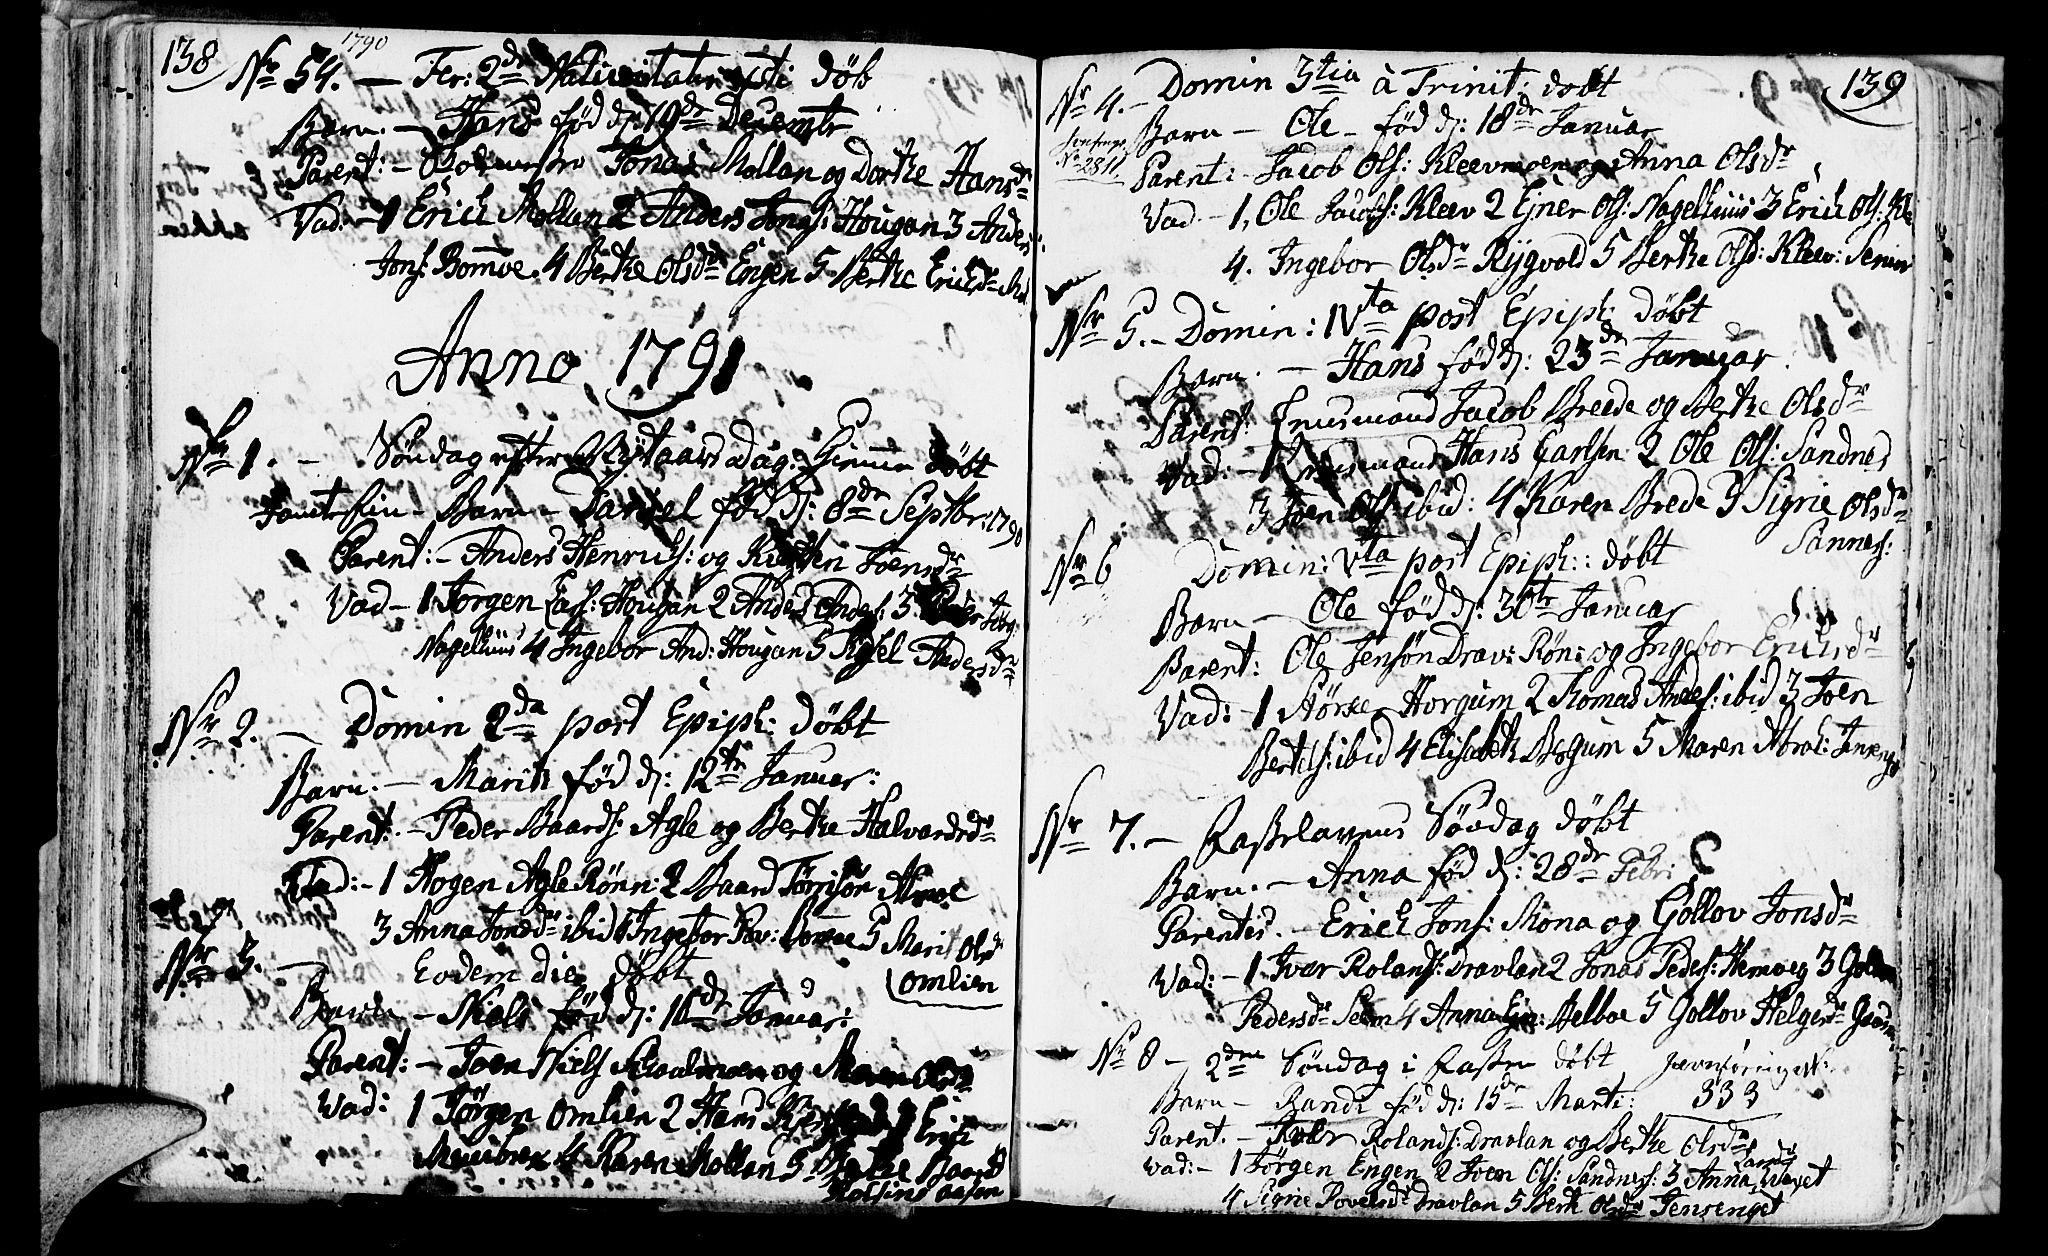 SAT, Ministerialprotokoller, klokkerbøker og fødselsregistre - Nord-Trøndelag, 749/L0468: Ministerialbok nr. 749A02, 1787-1817, s. 138-139